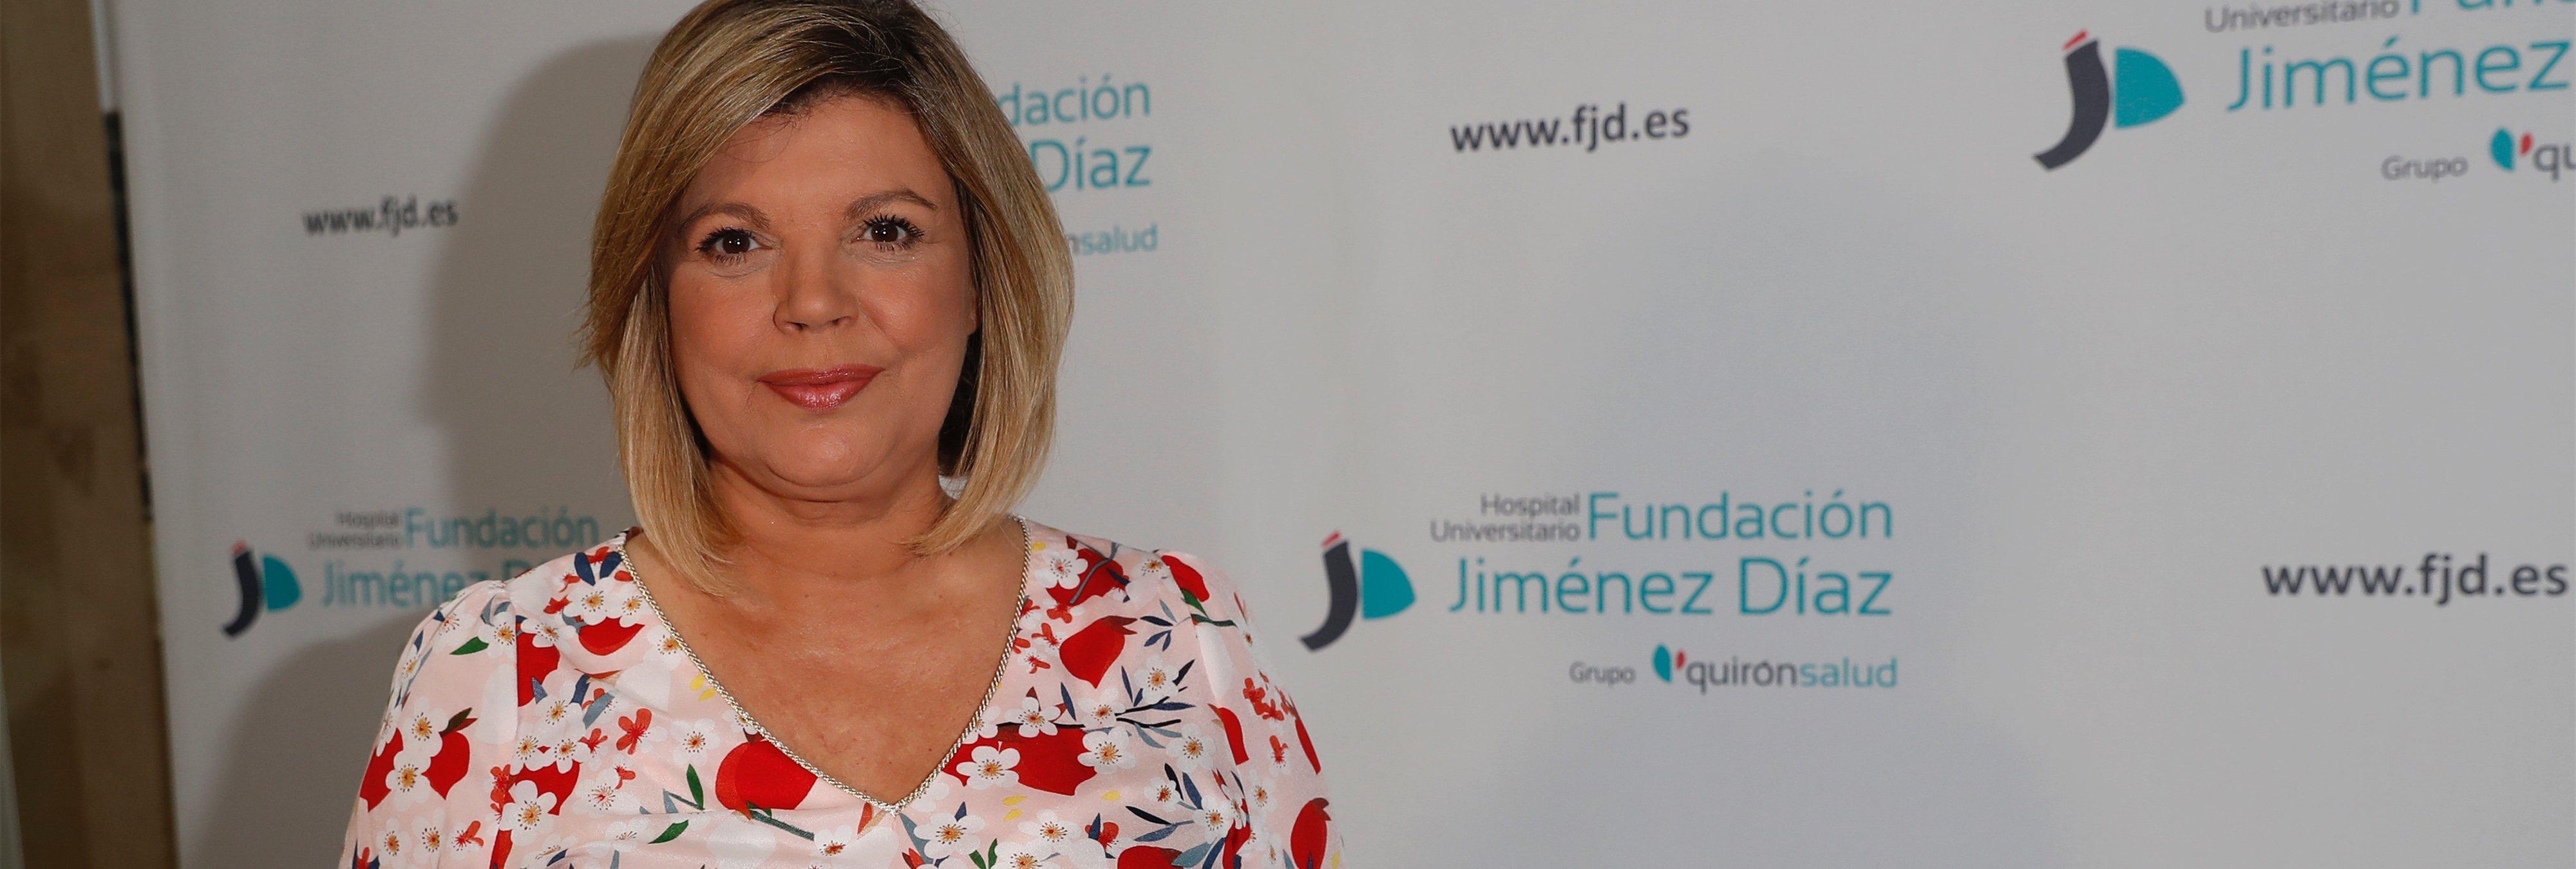 Enfermos de cáncer denuncian los privilegios de Terelu Campos